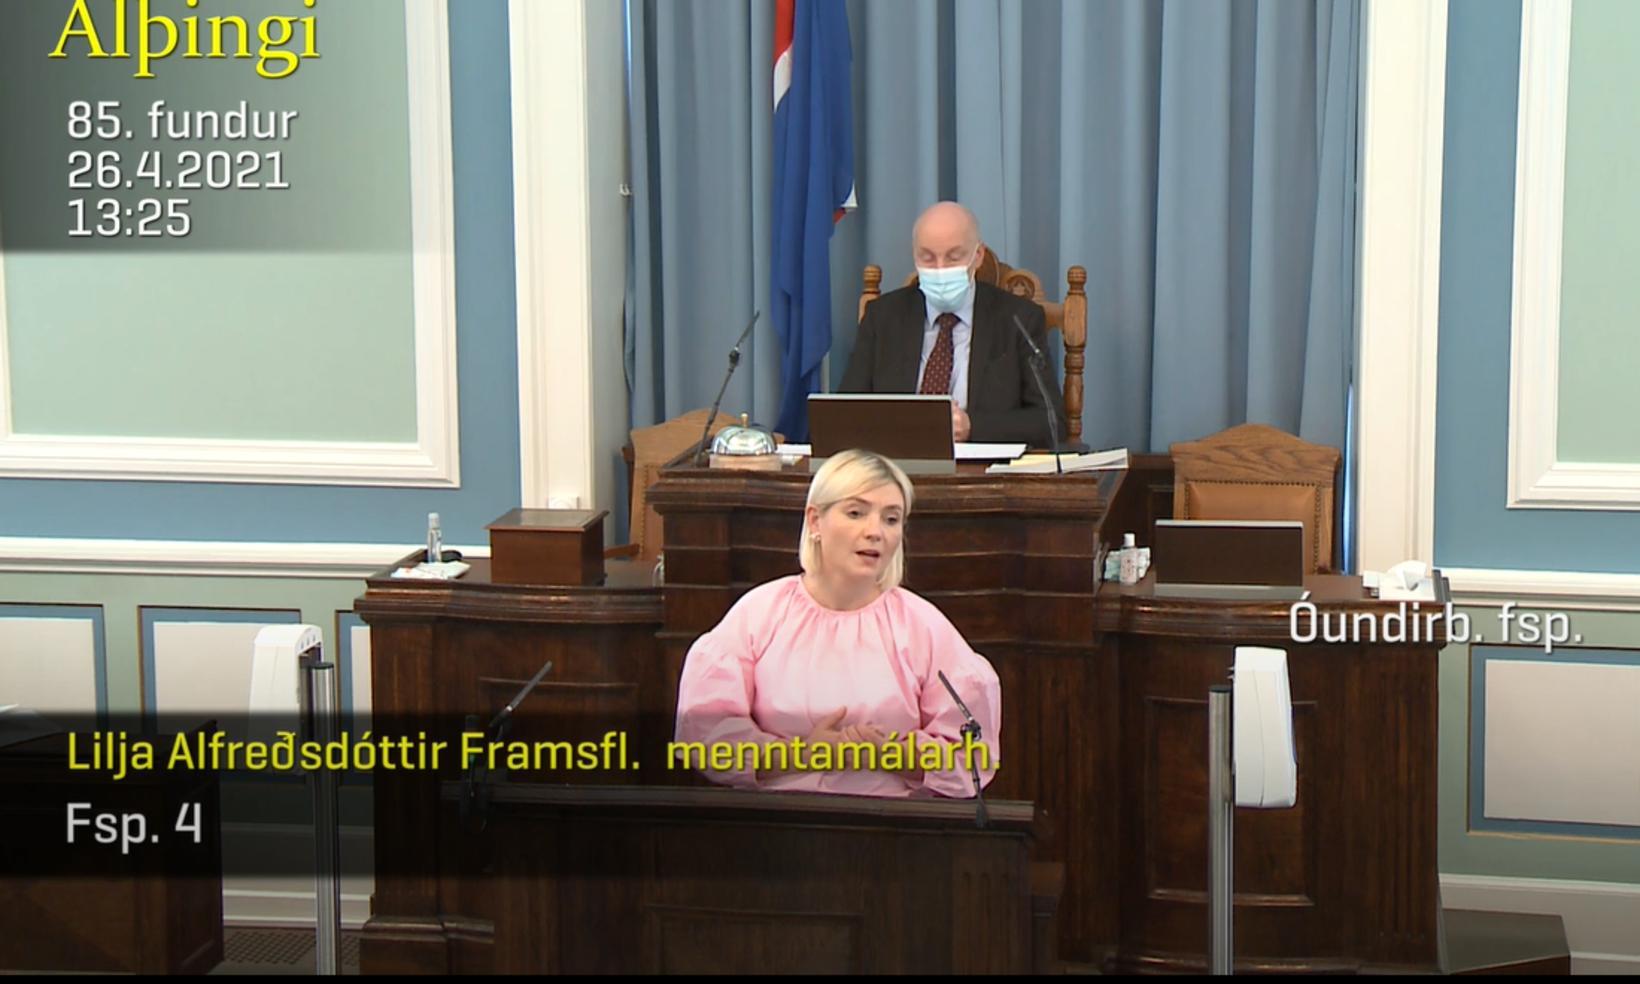 Lilja Alfreðsdóttir svarar óundirbúinni fyrirspurn.